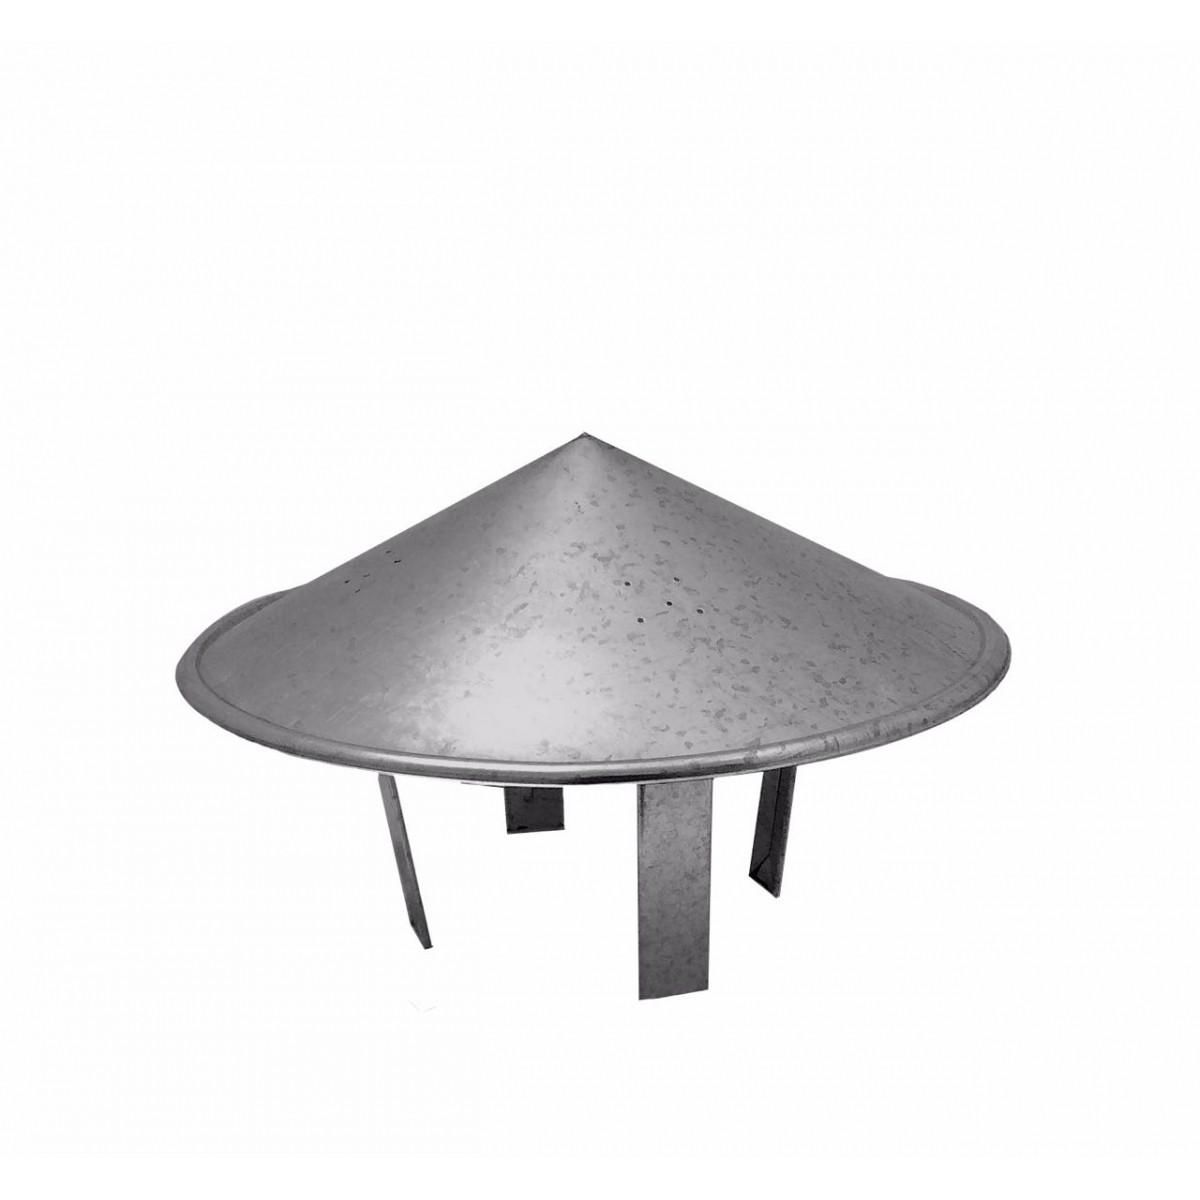 Chapéu chinês galvanizado para dutos de 180 mm de diâmetro para topo de chaminé  - Galvocalhas